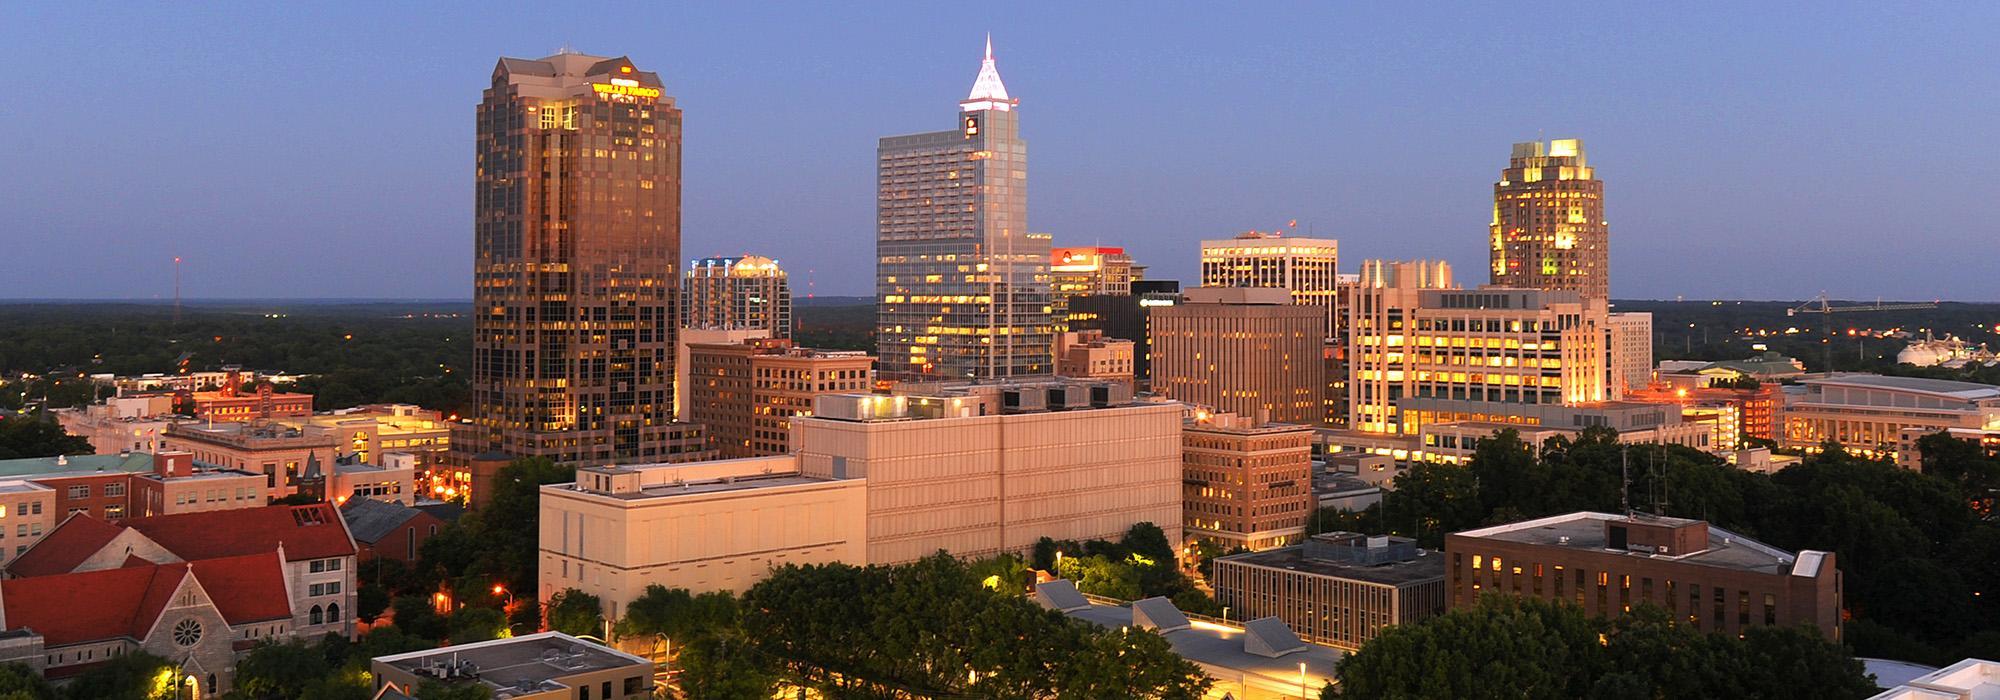 NC_Downtown_Raleigh_01_hero.jpg